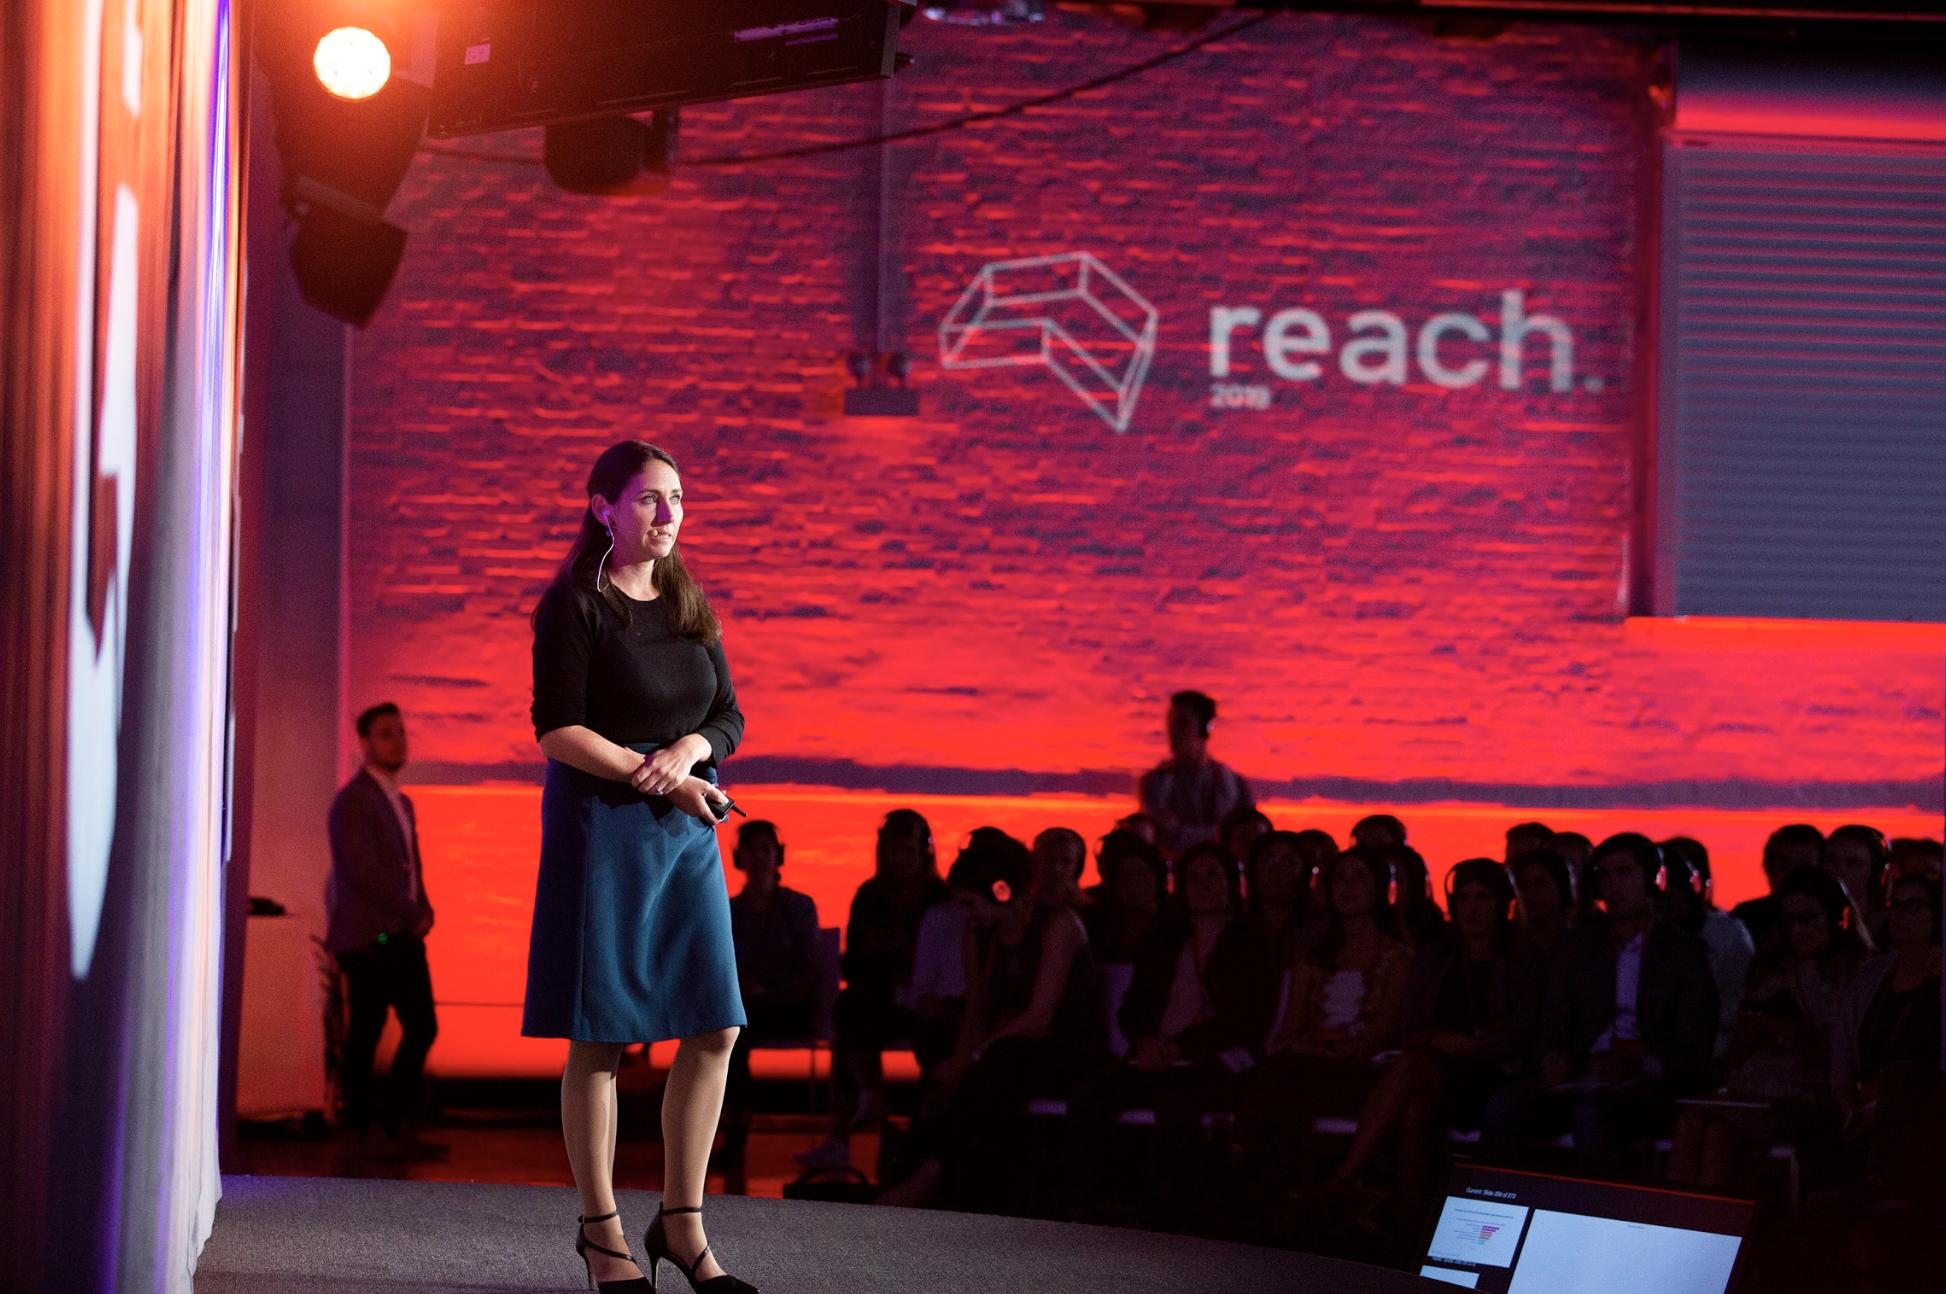 Meghan Keaney Anderson speaks at G2REACH